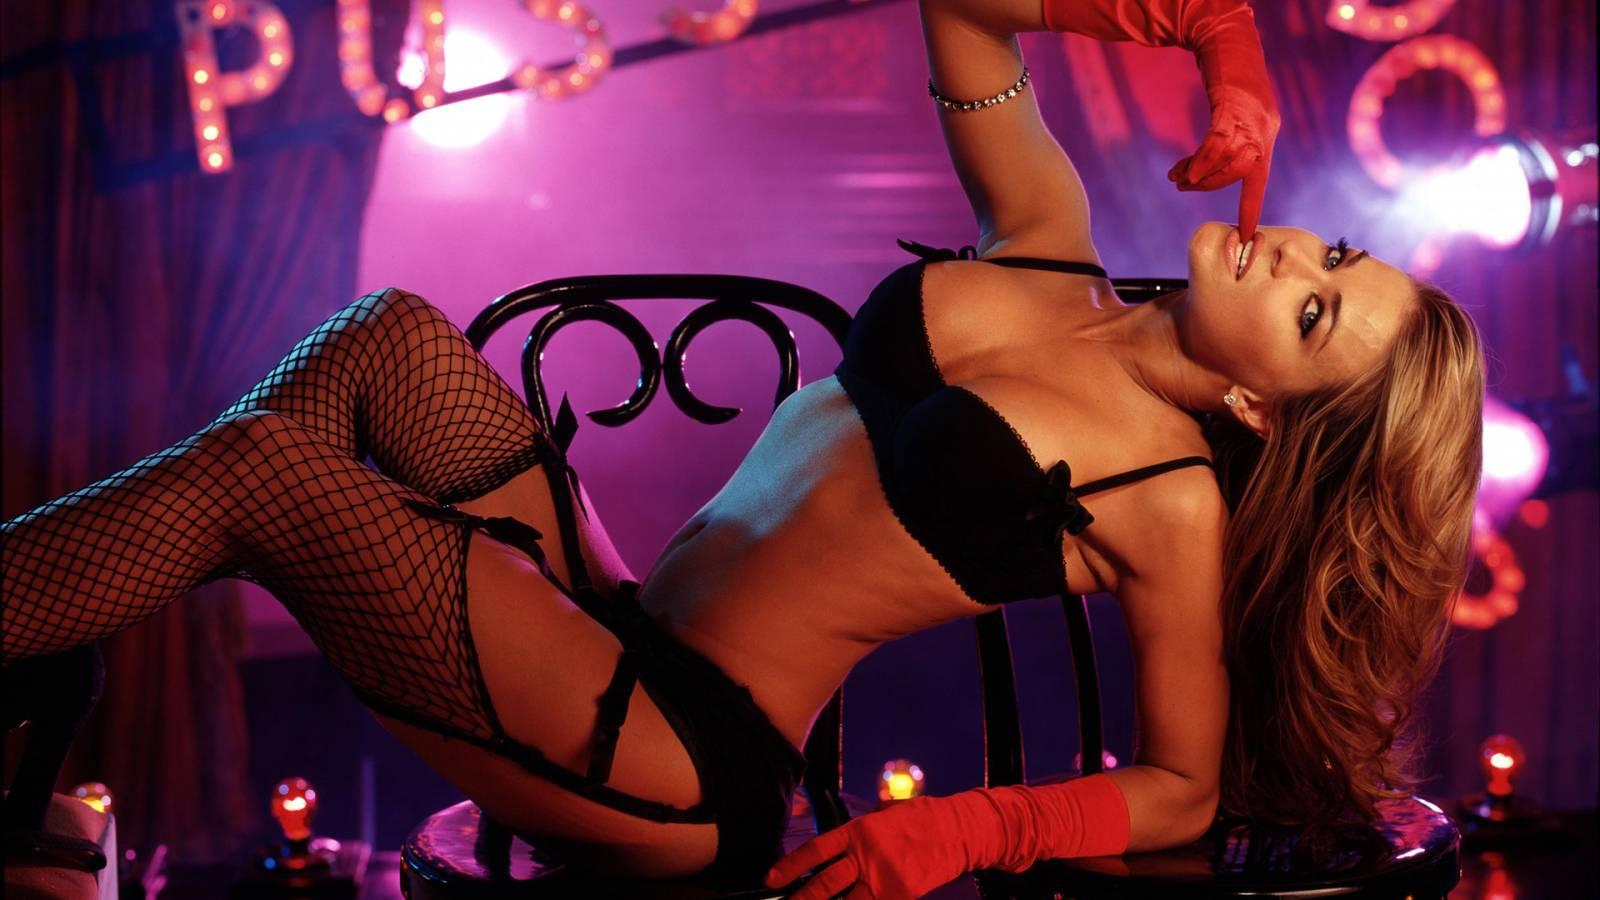 Супер сексуальный танец стриптиз 7 фотография